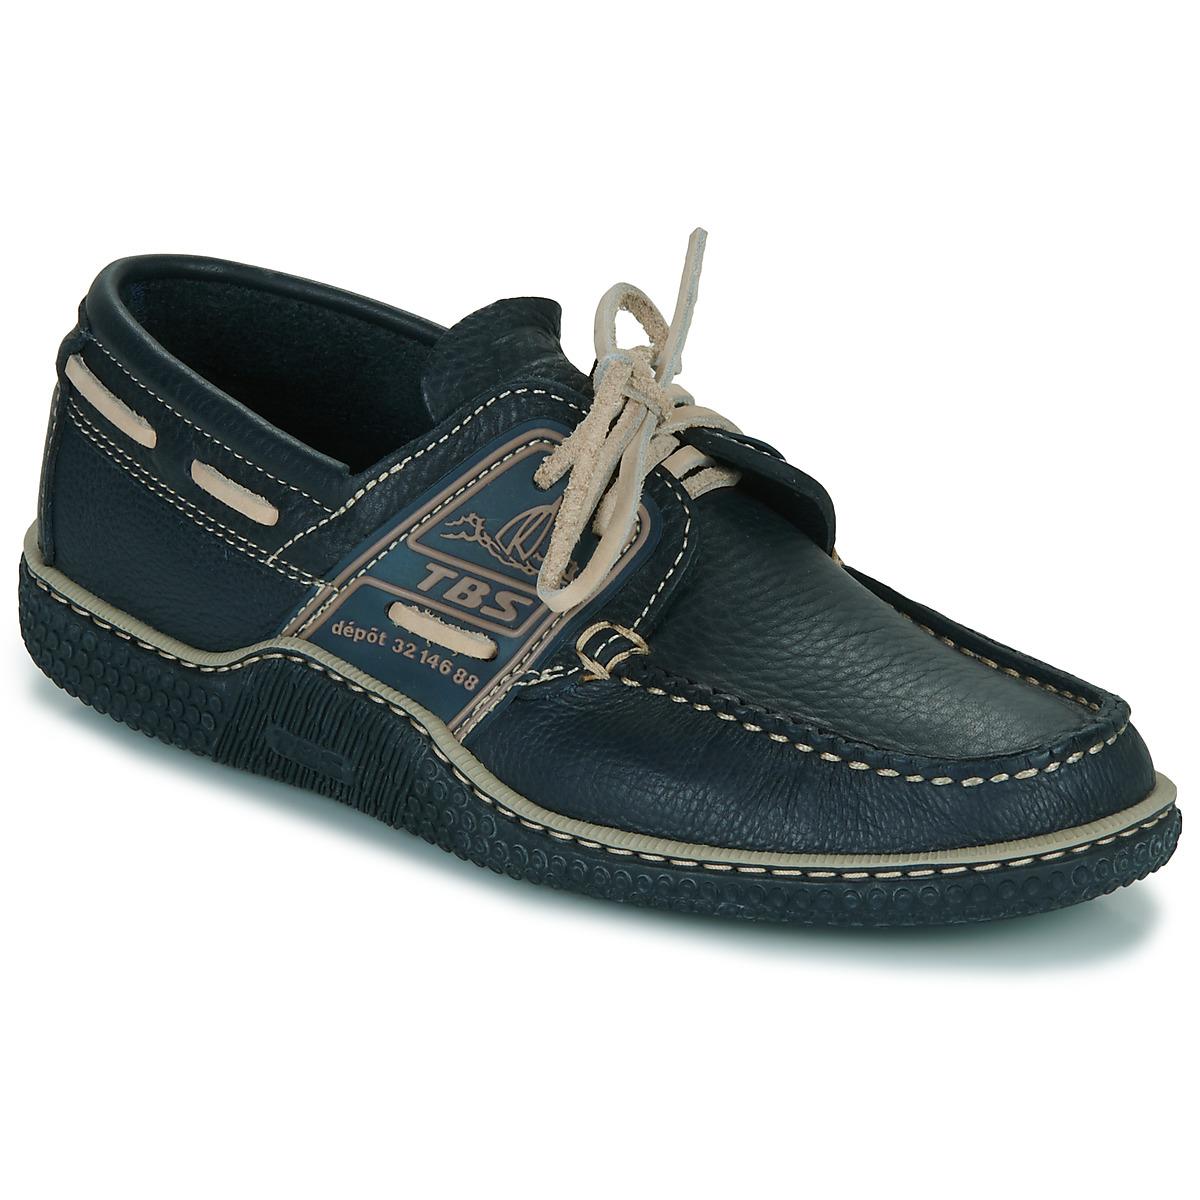 chaussures bateau tbs globek marine livraison gratuite avec chaussures homme. Black Bedroom Furniture Sets. Home Design Ideas